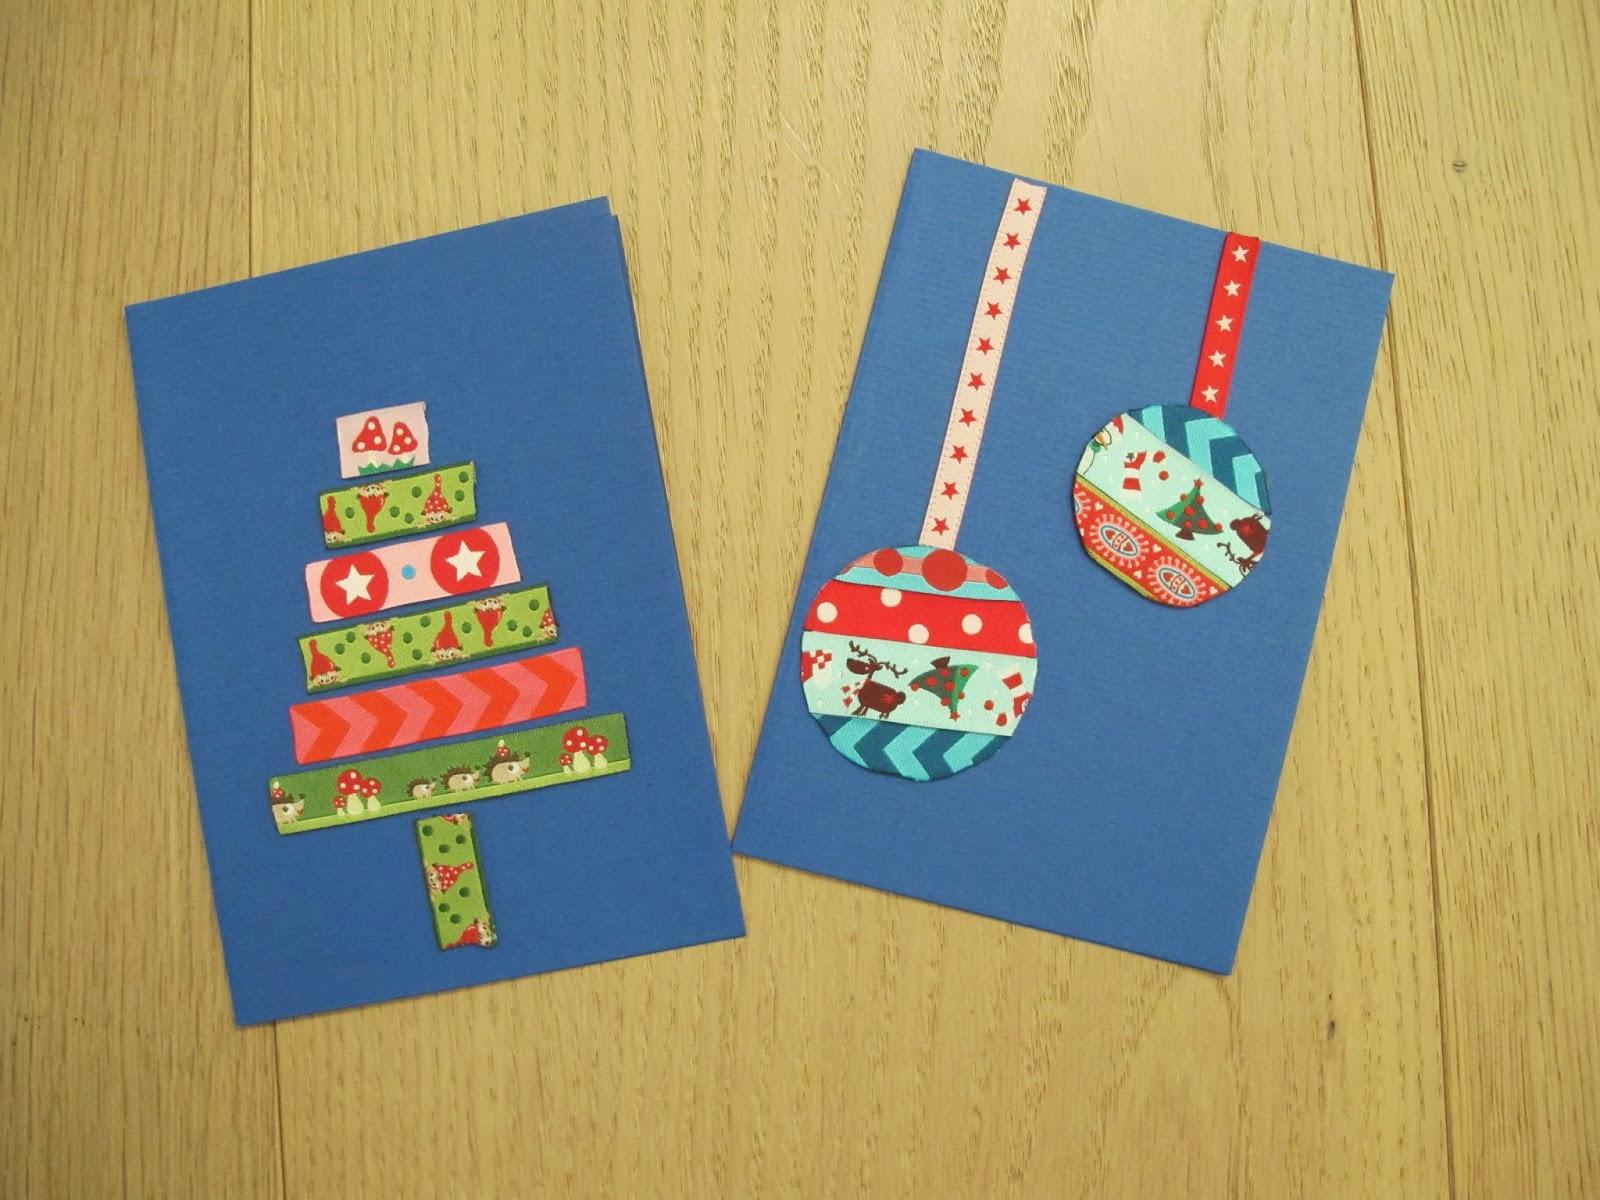 Portami weihnachtskarten mit webb ndern for Weihnachtskarten basteln mit kindern vorlagen